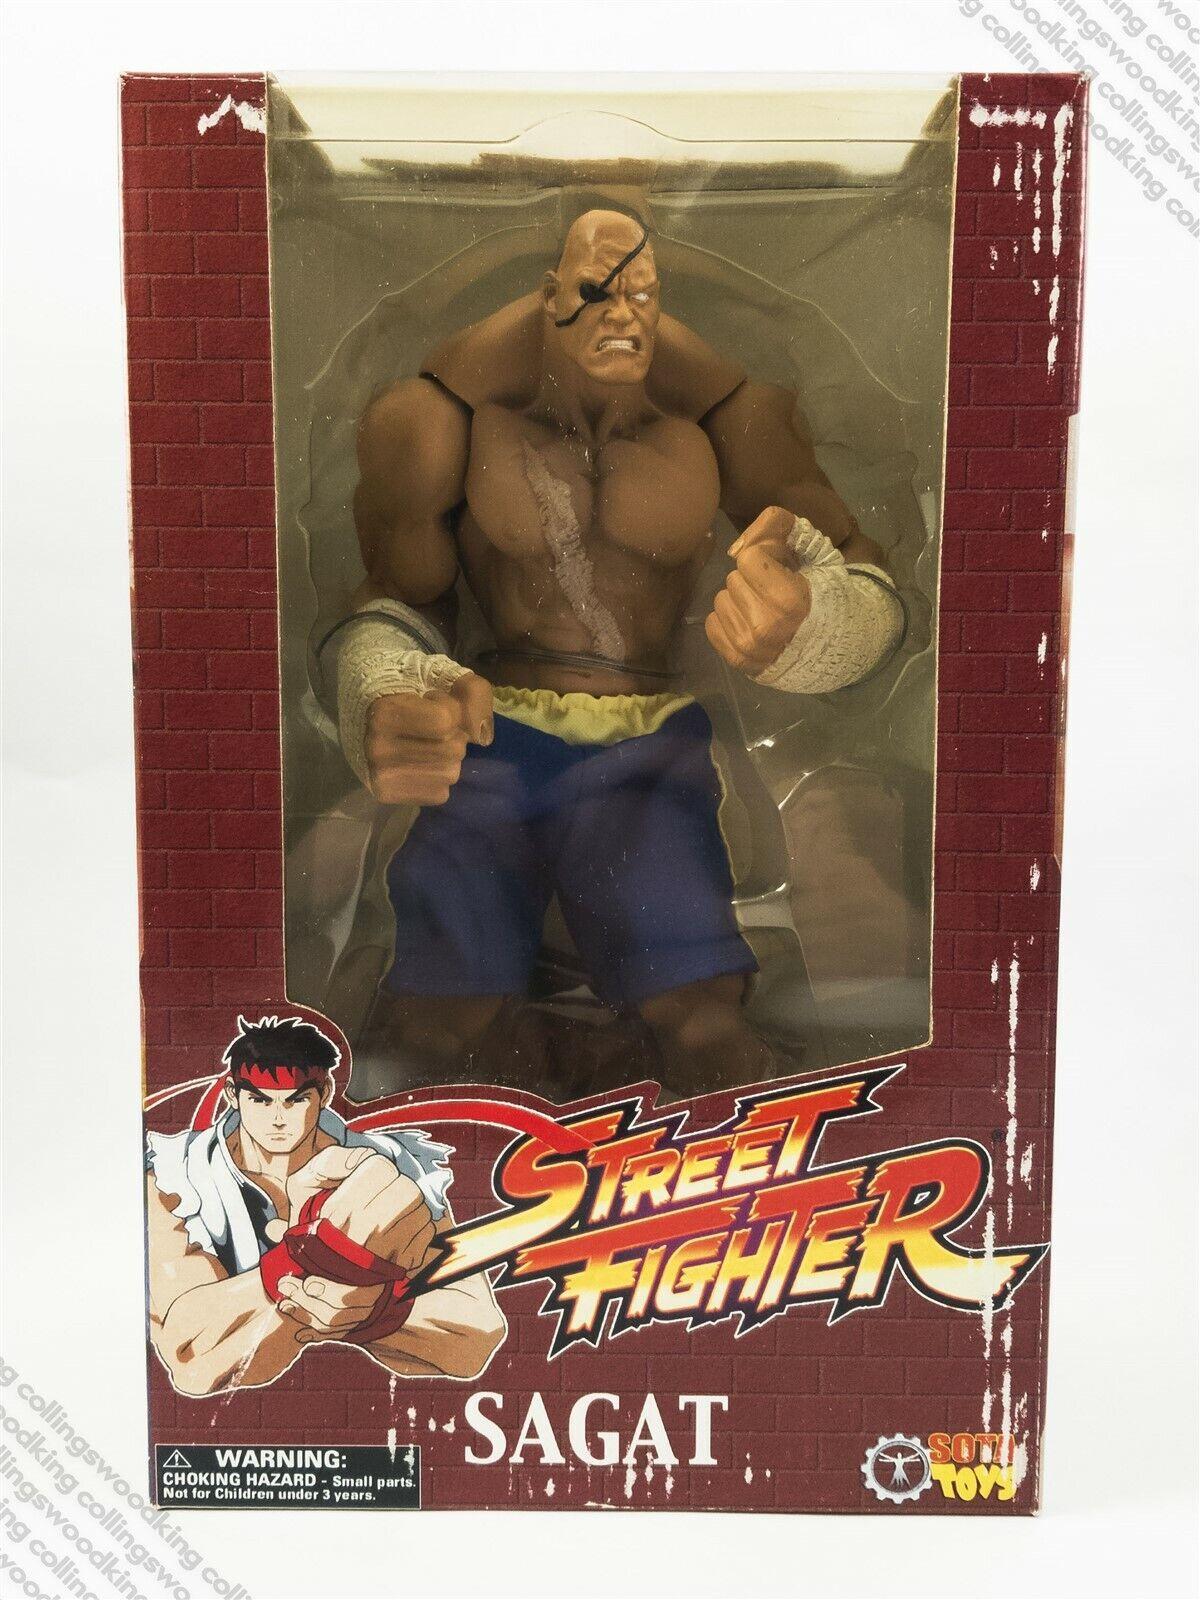 2005  SOTA rue Fighter rougeocast series Sagat 10  action figure MISB - Capcom  bonne qualité